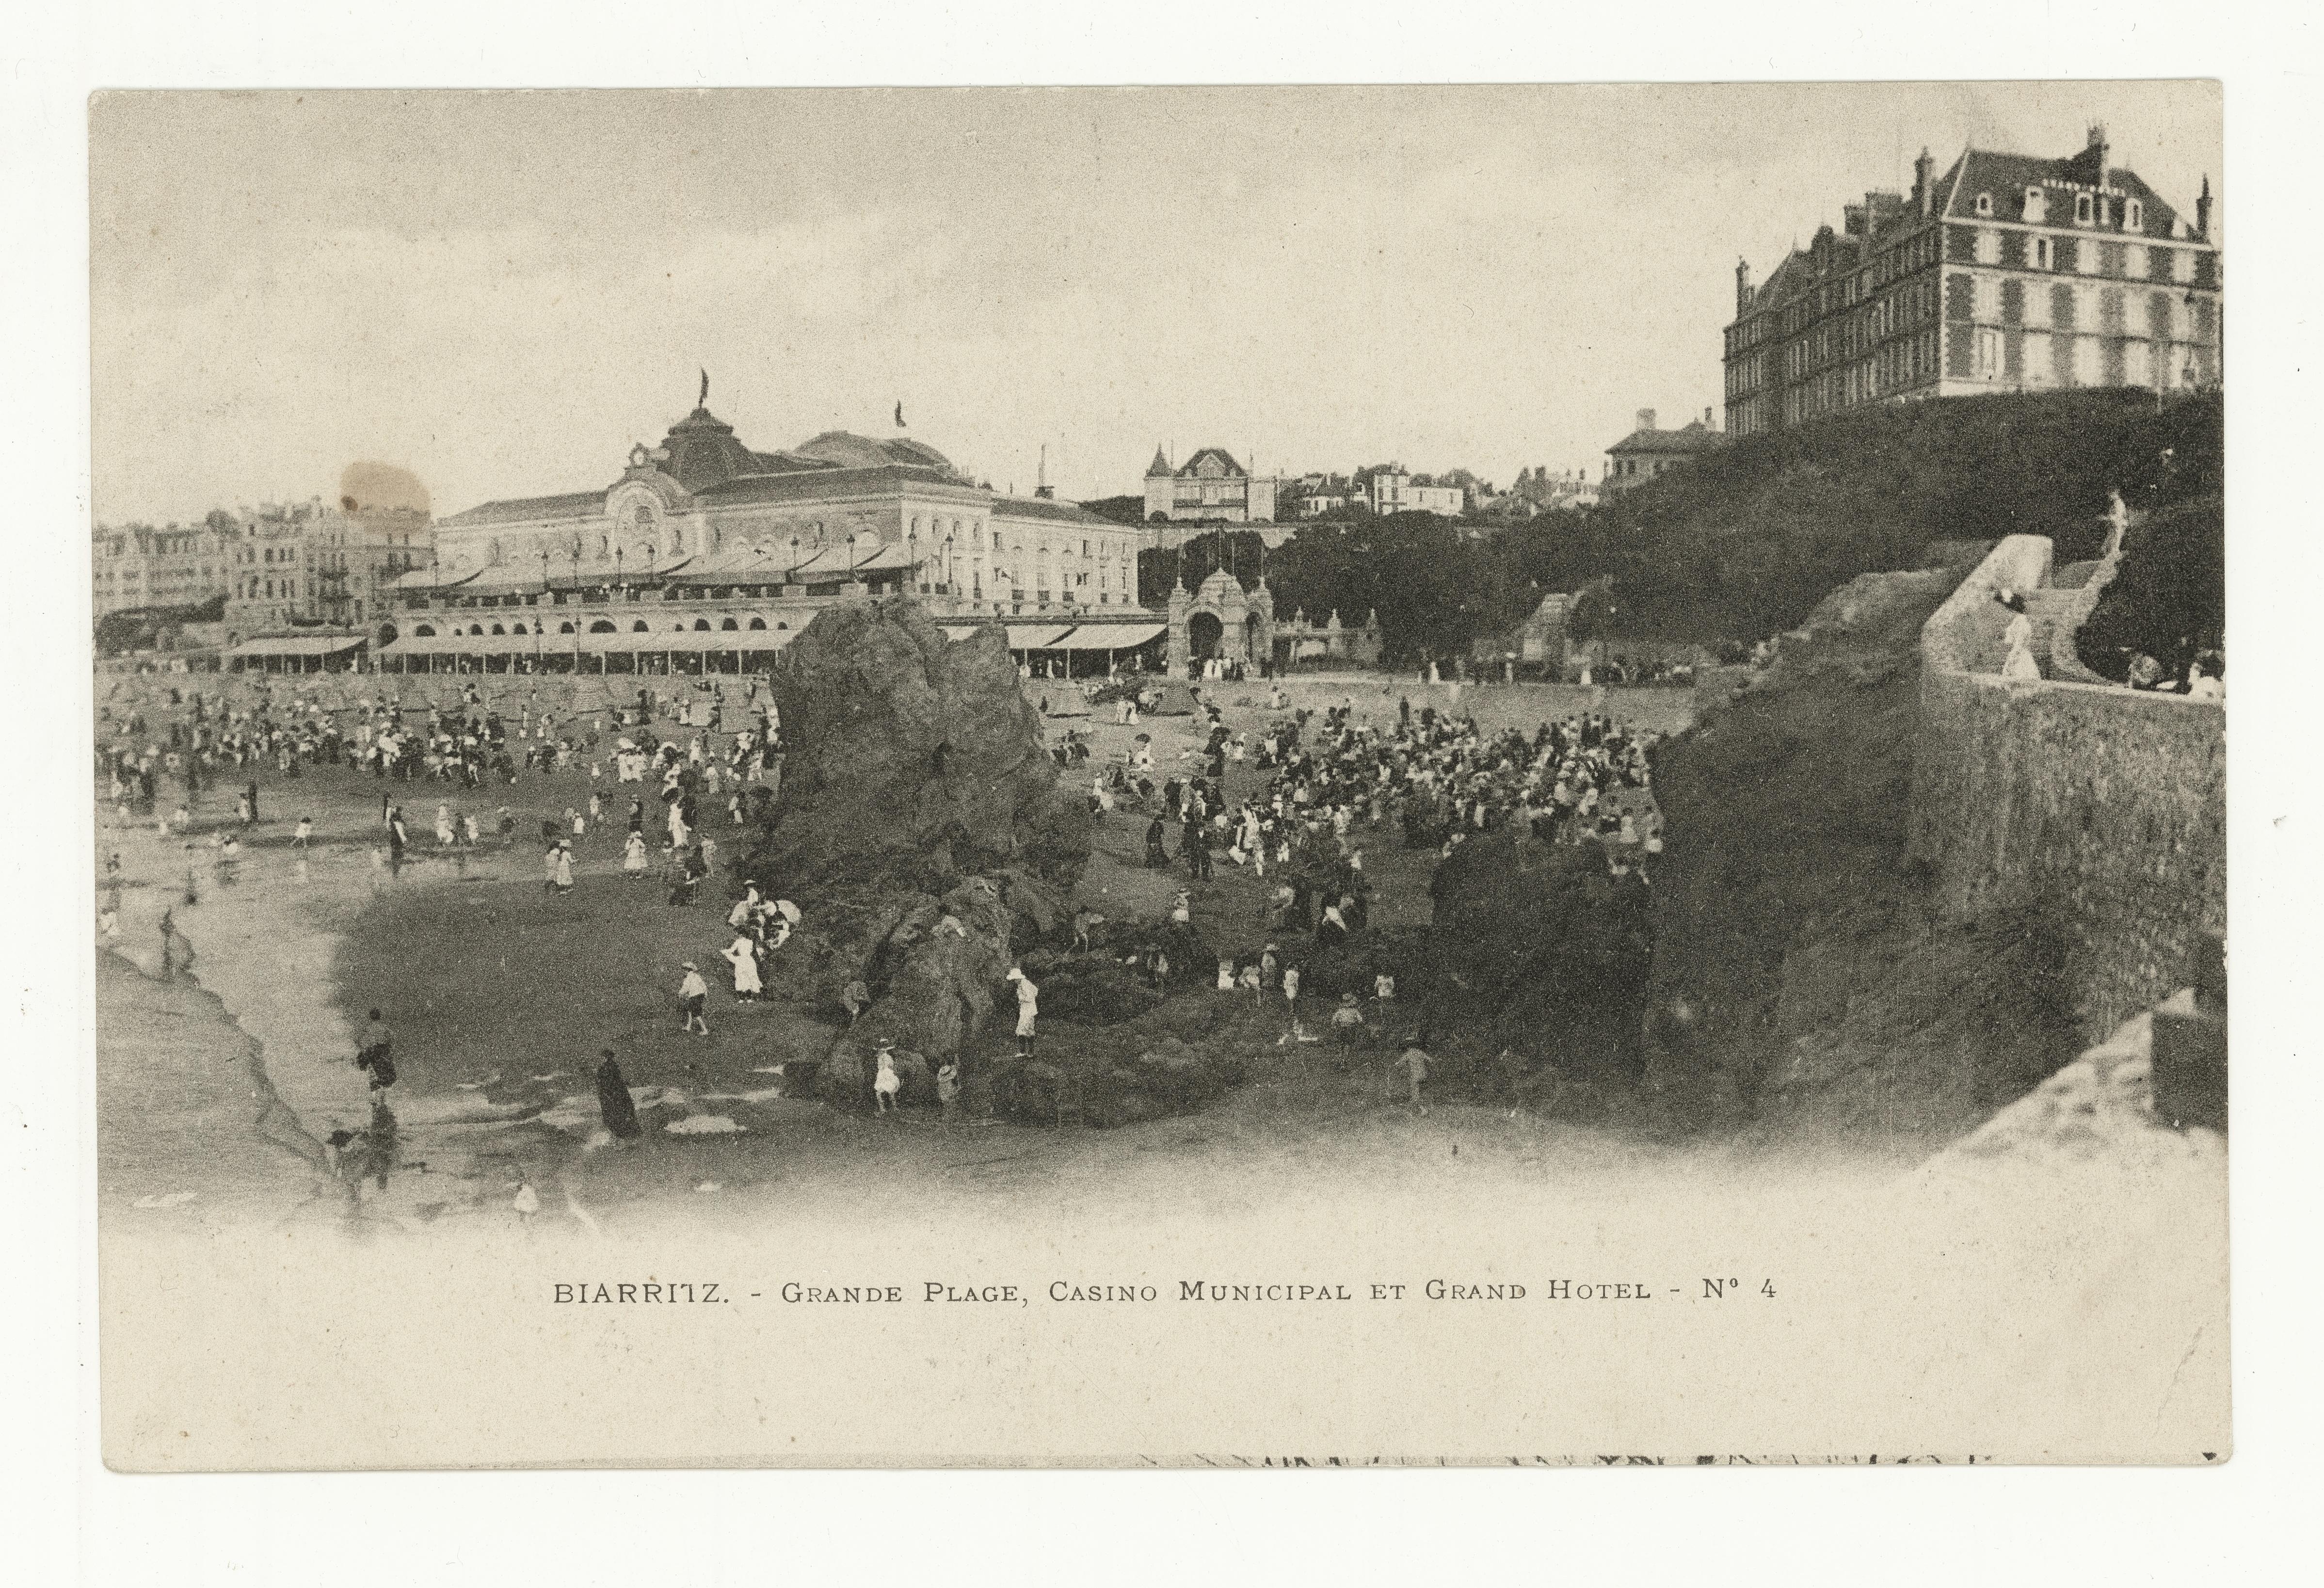 Avant Après #3 Côte Basque_ La Grande Plage Casino Municipal et Grand Hôtel Biarritz